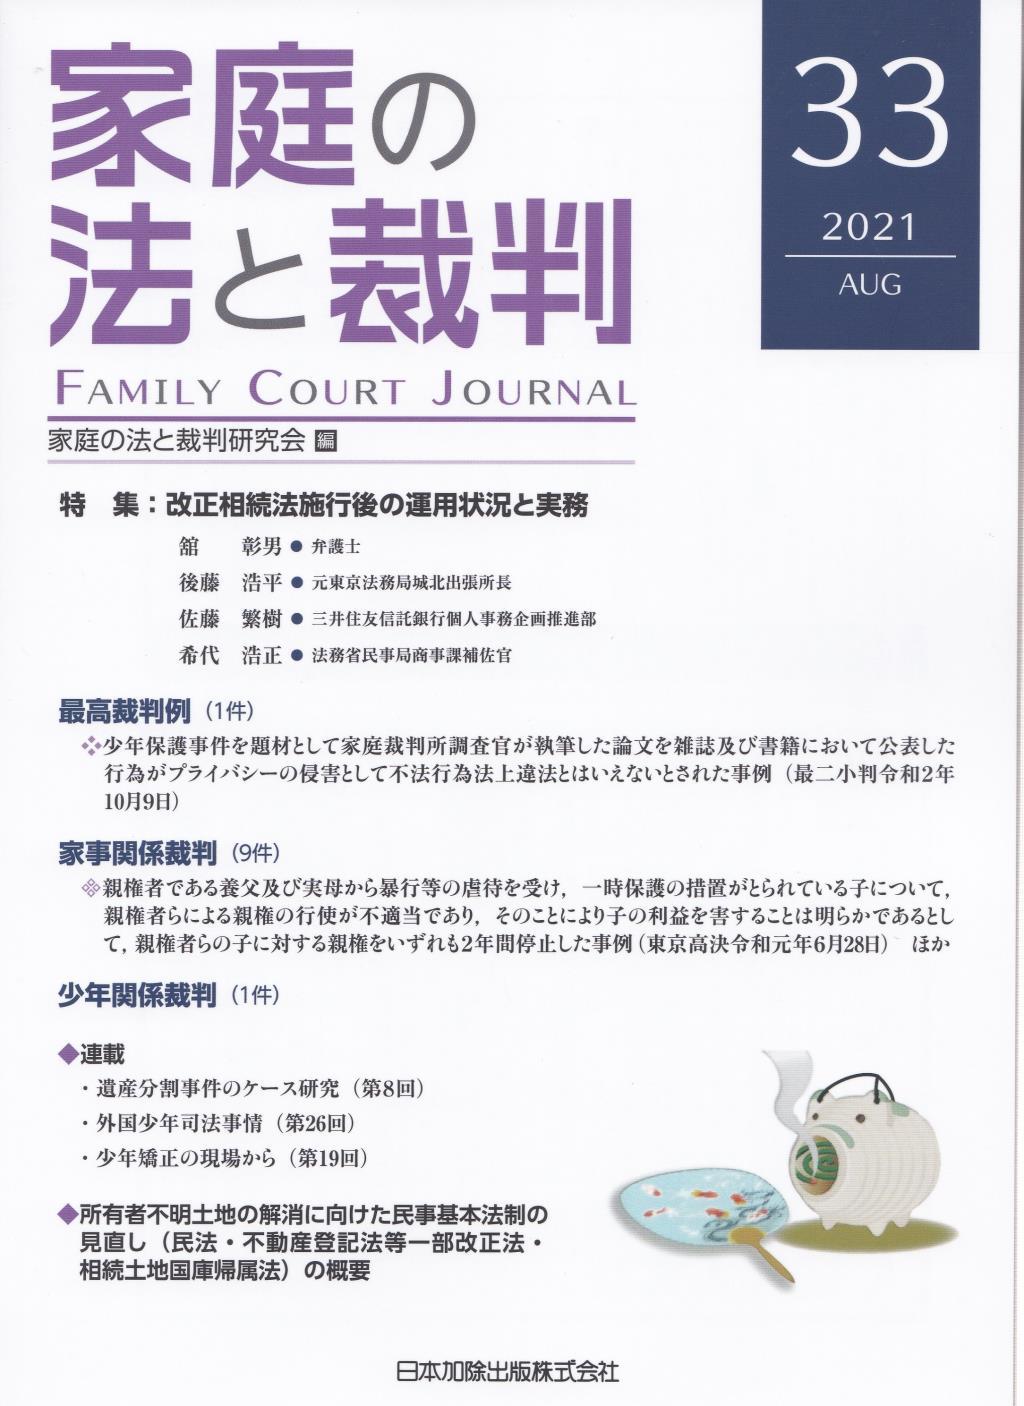 家庭の法と裁判 2021 AUG No.33